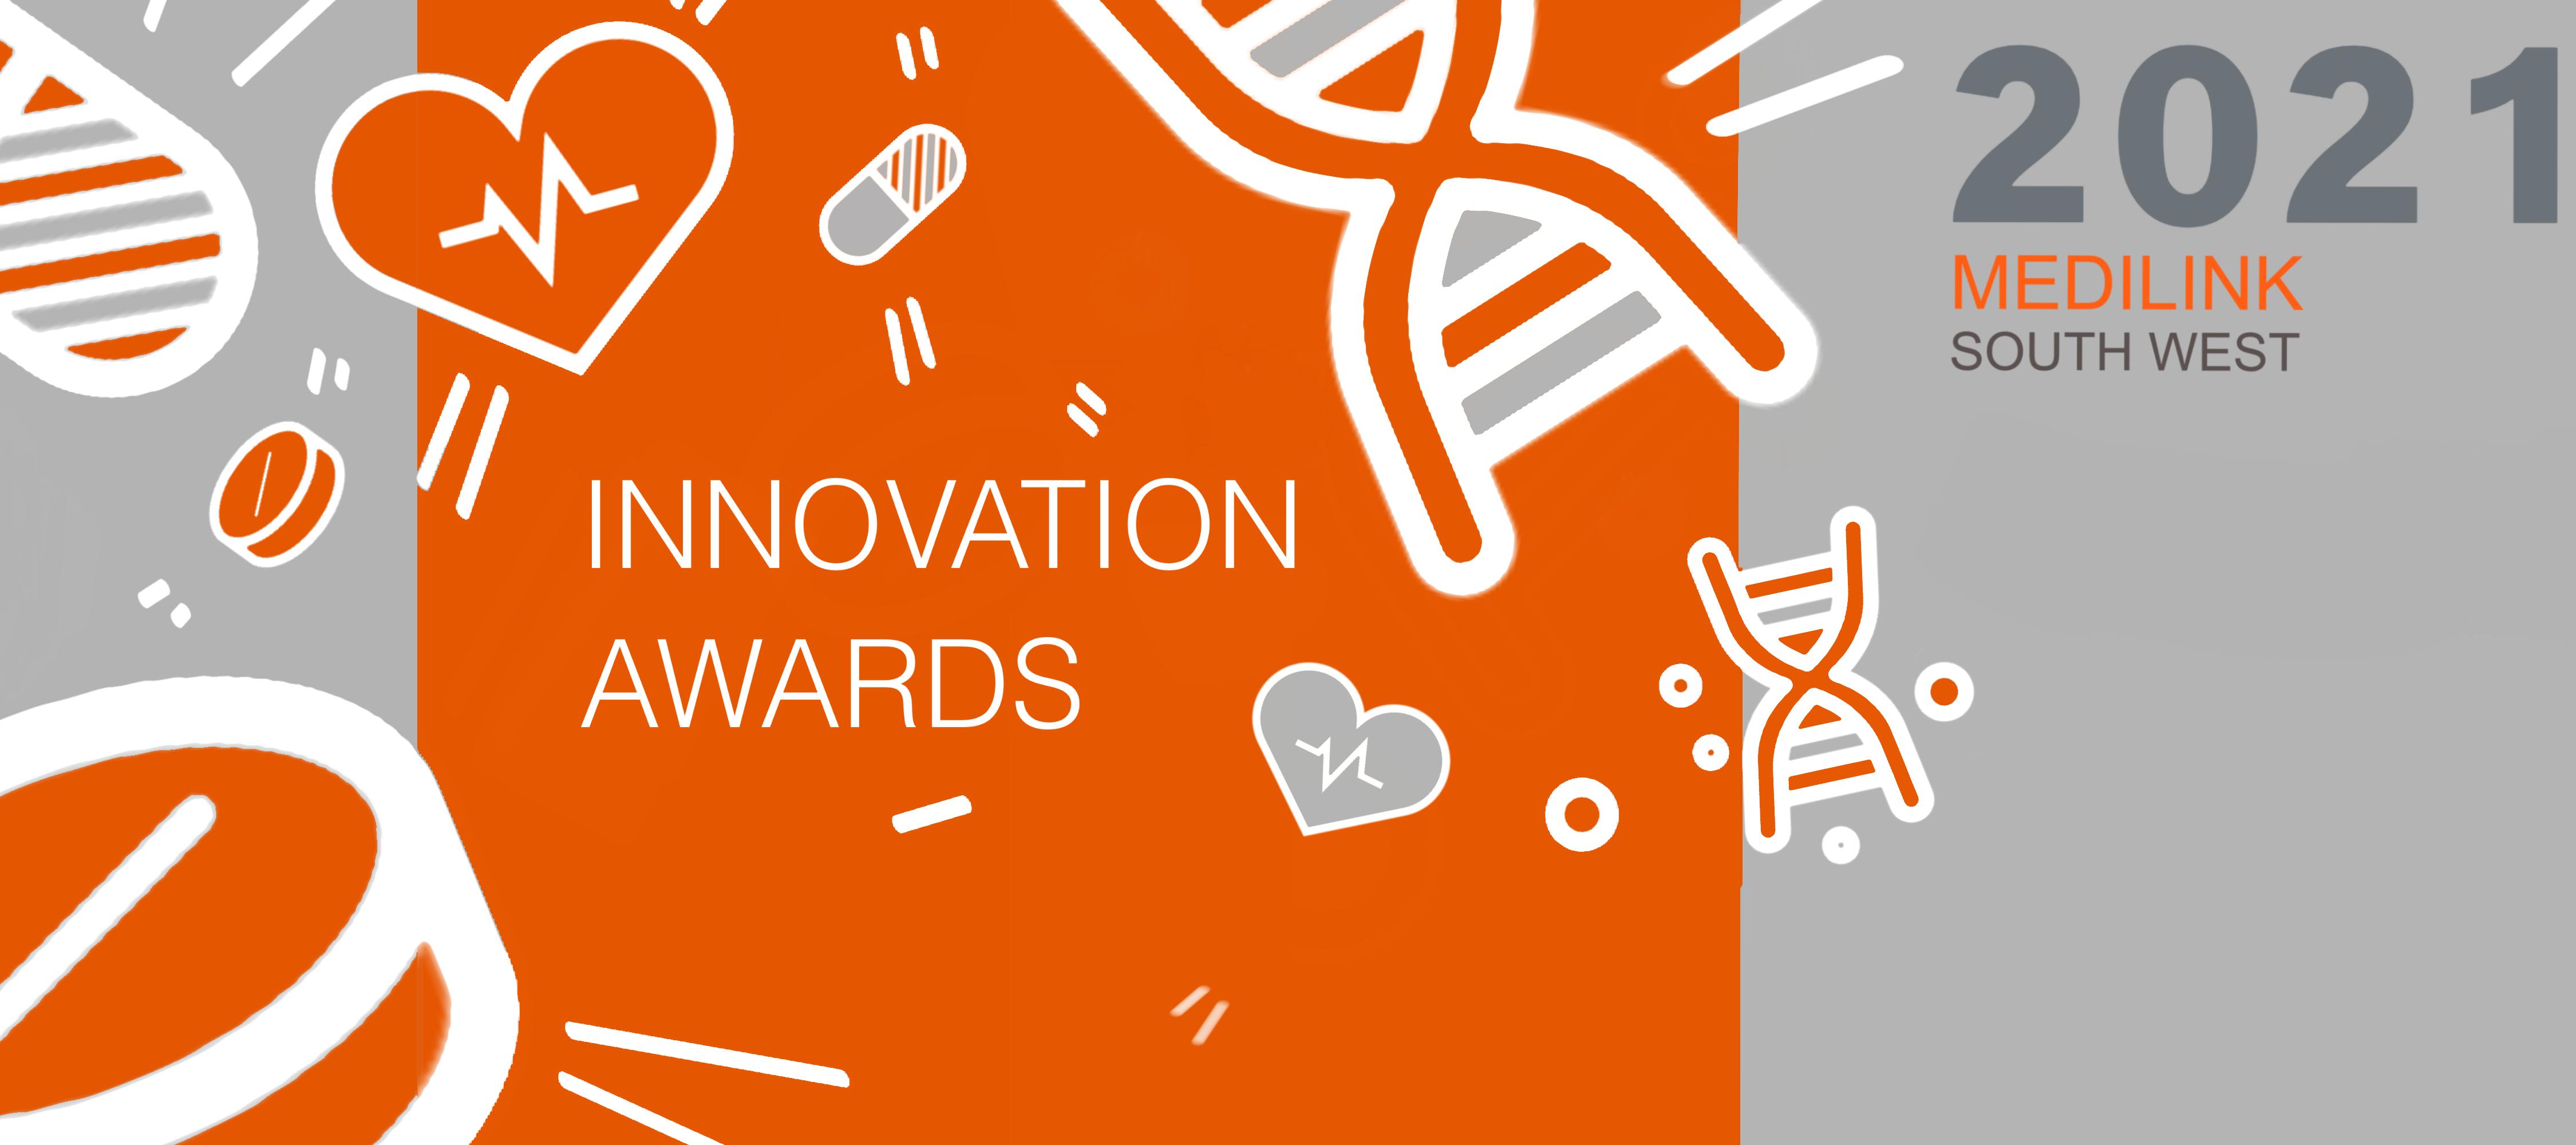 MediLink Innovation Awards